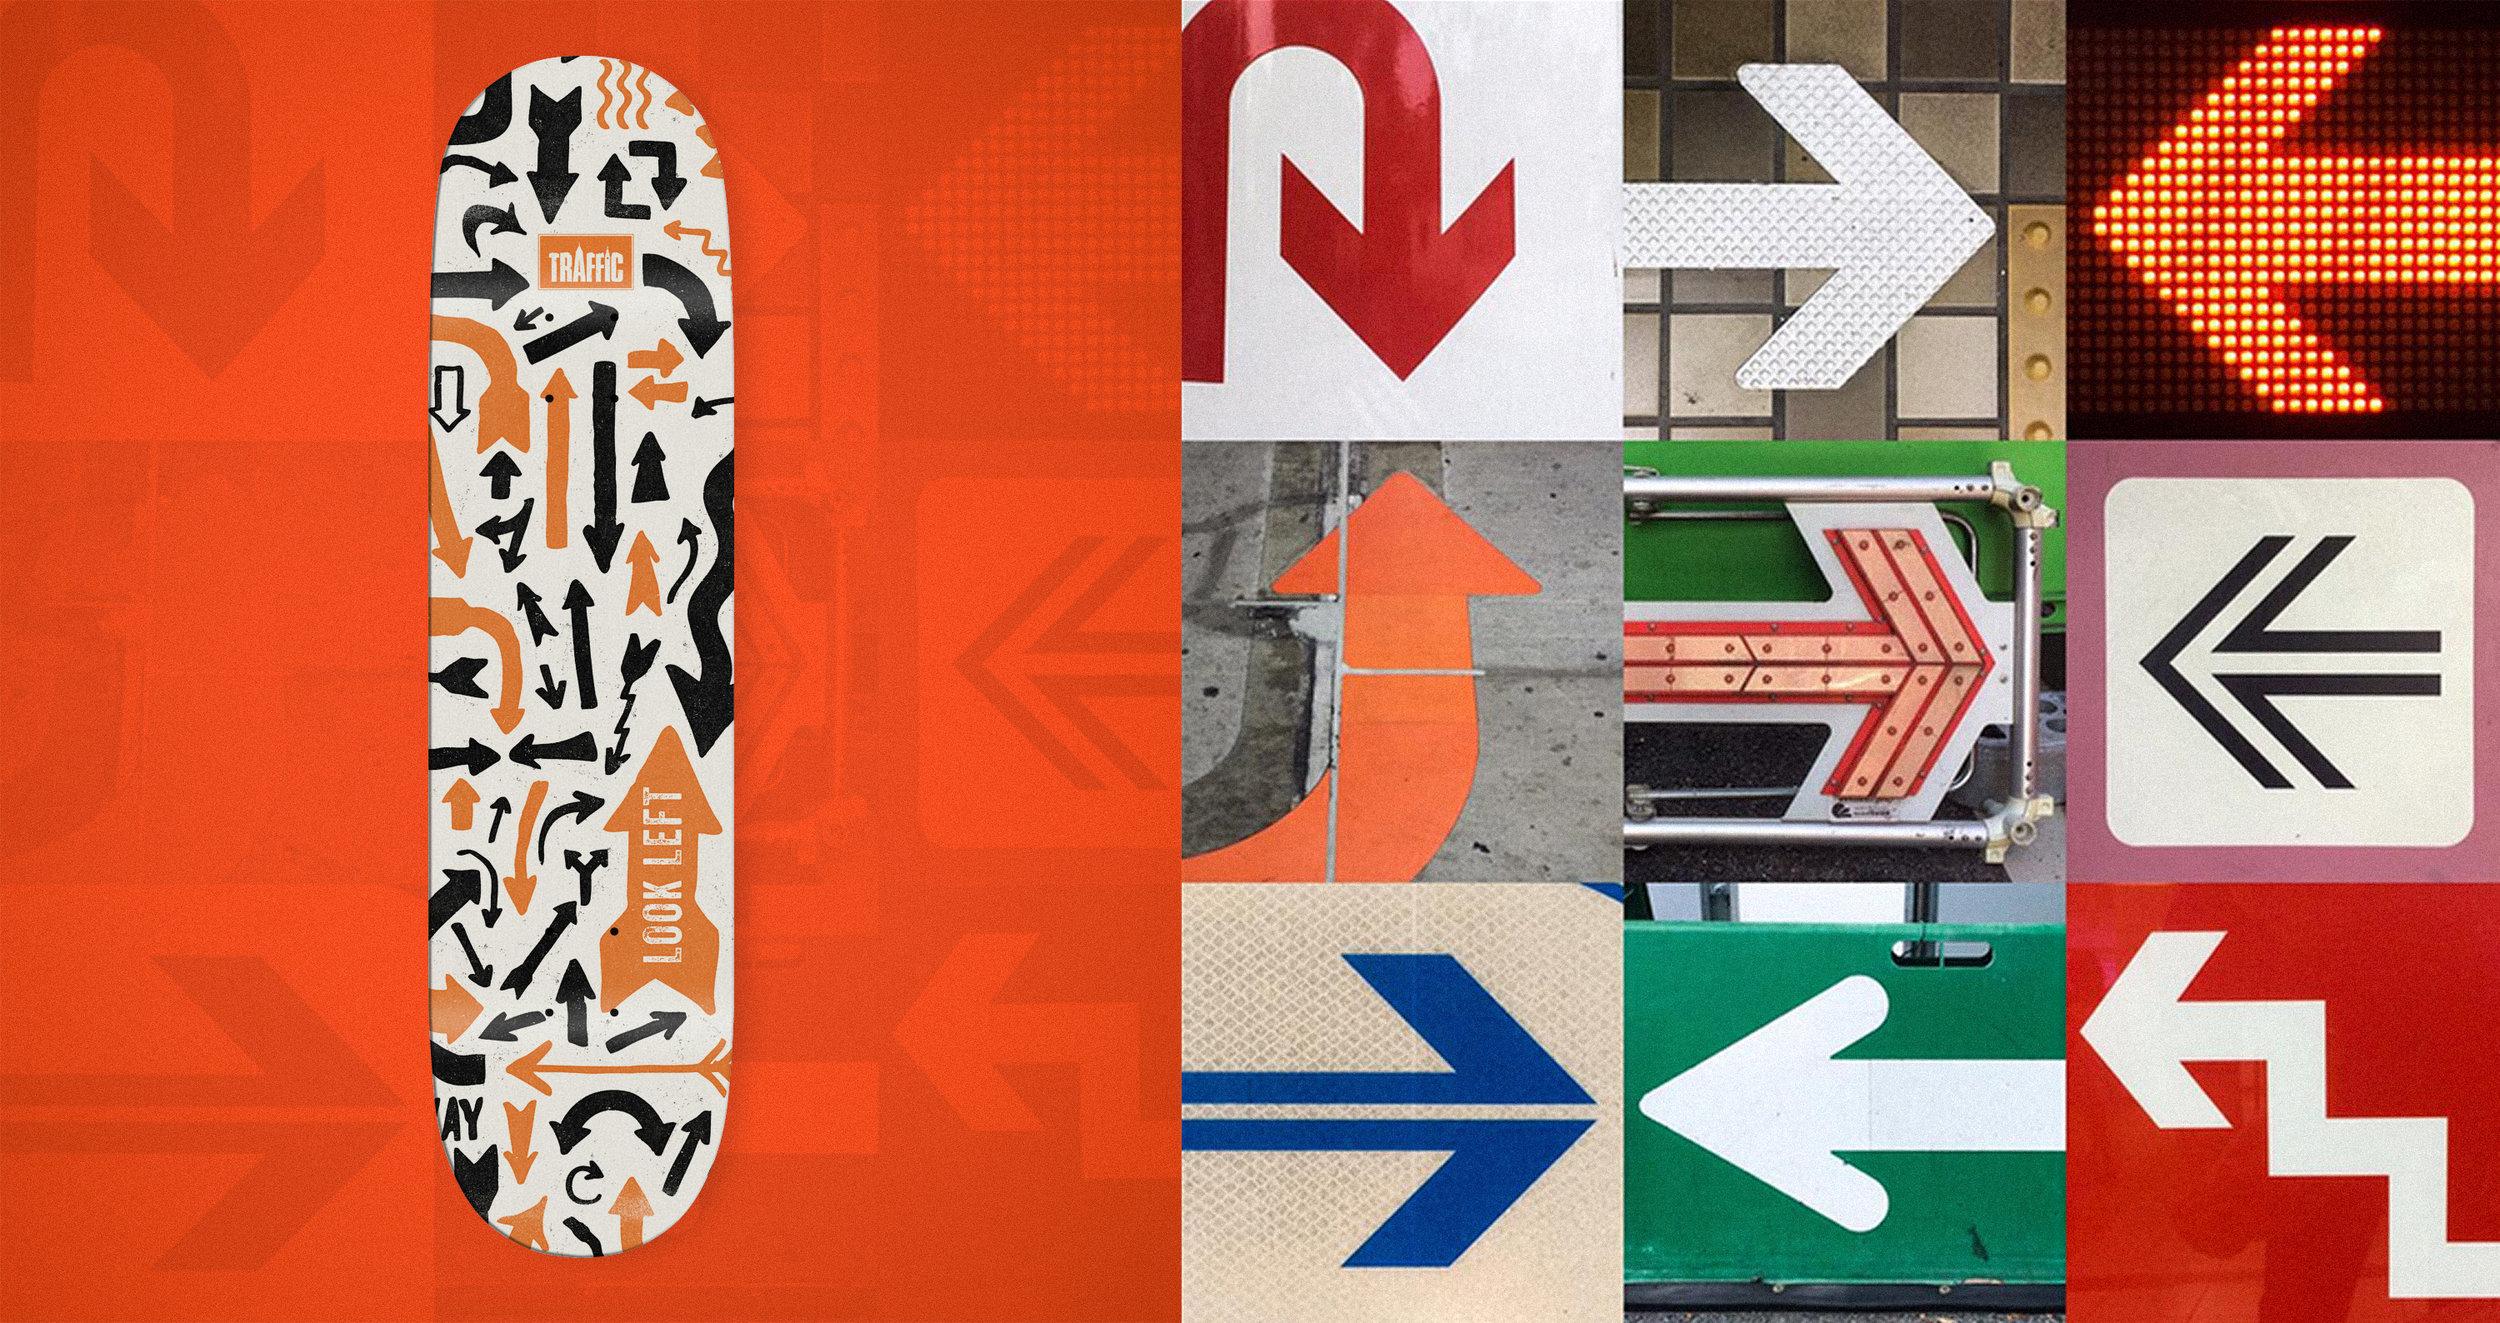 Traffic_Arrows_mock_New.jpg